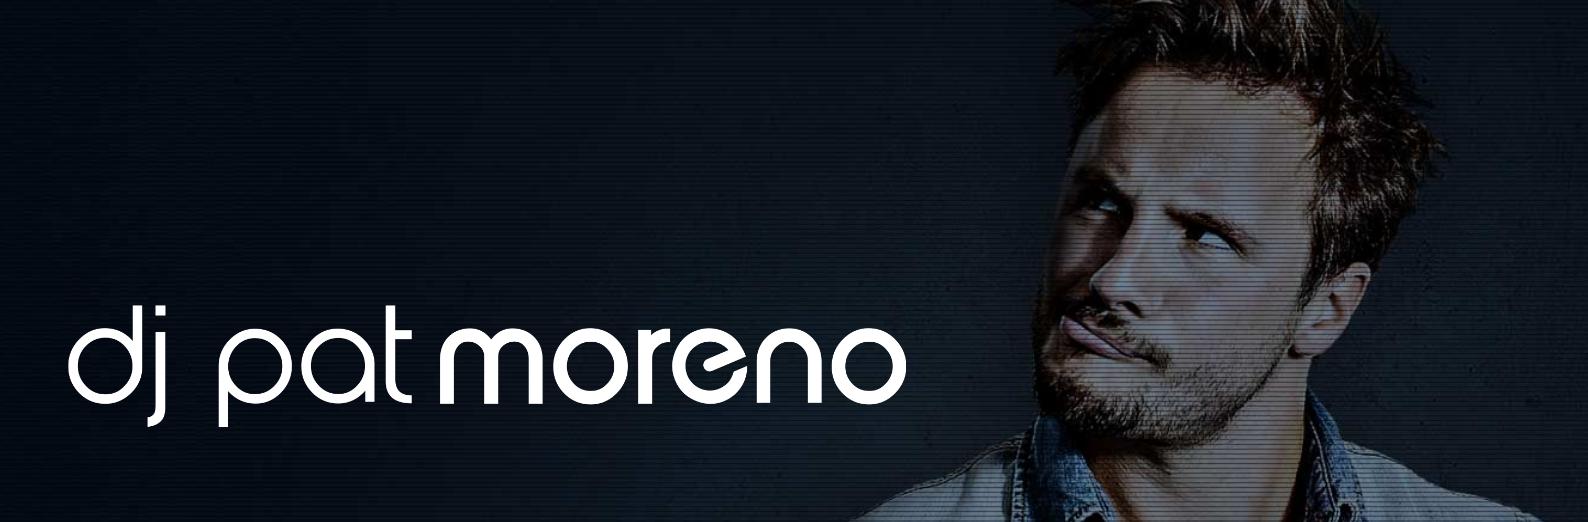 http://patmoreno.com/